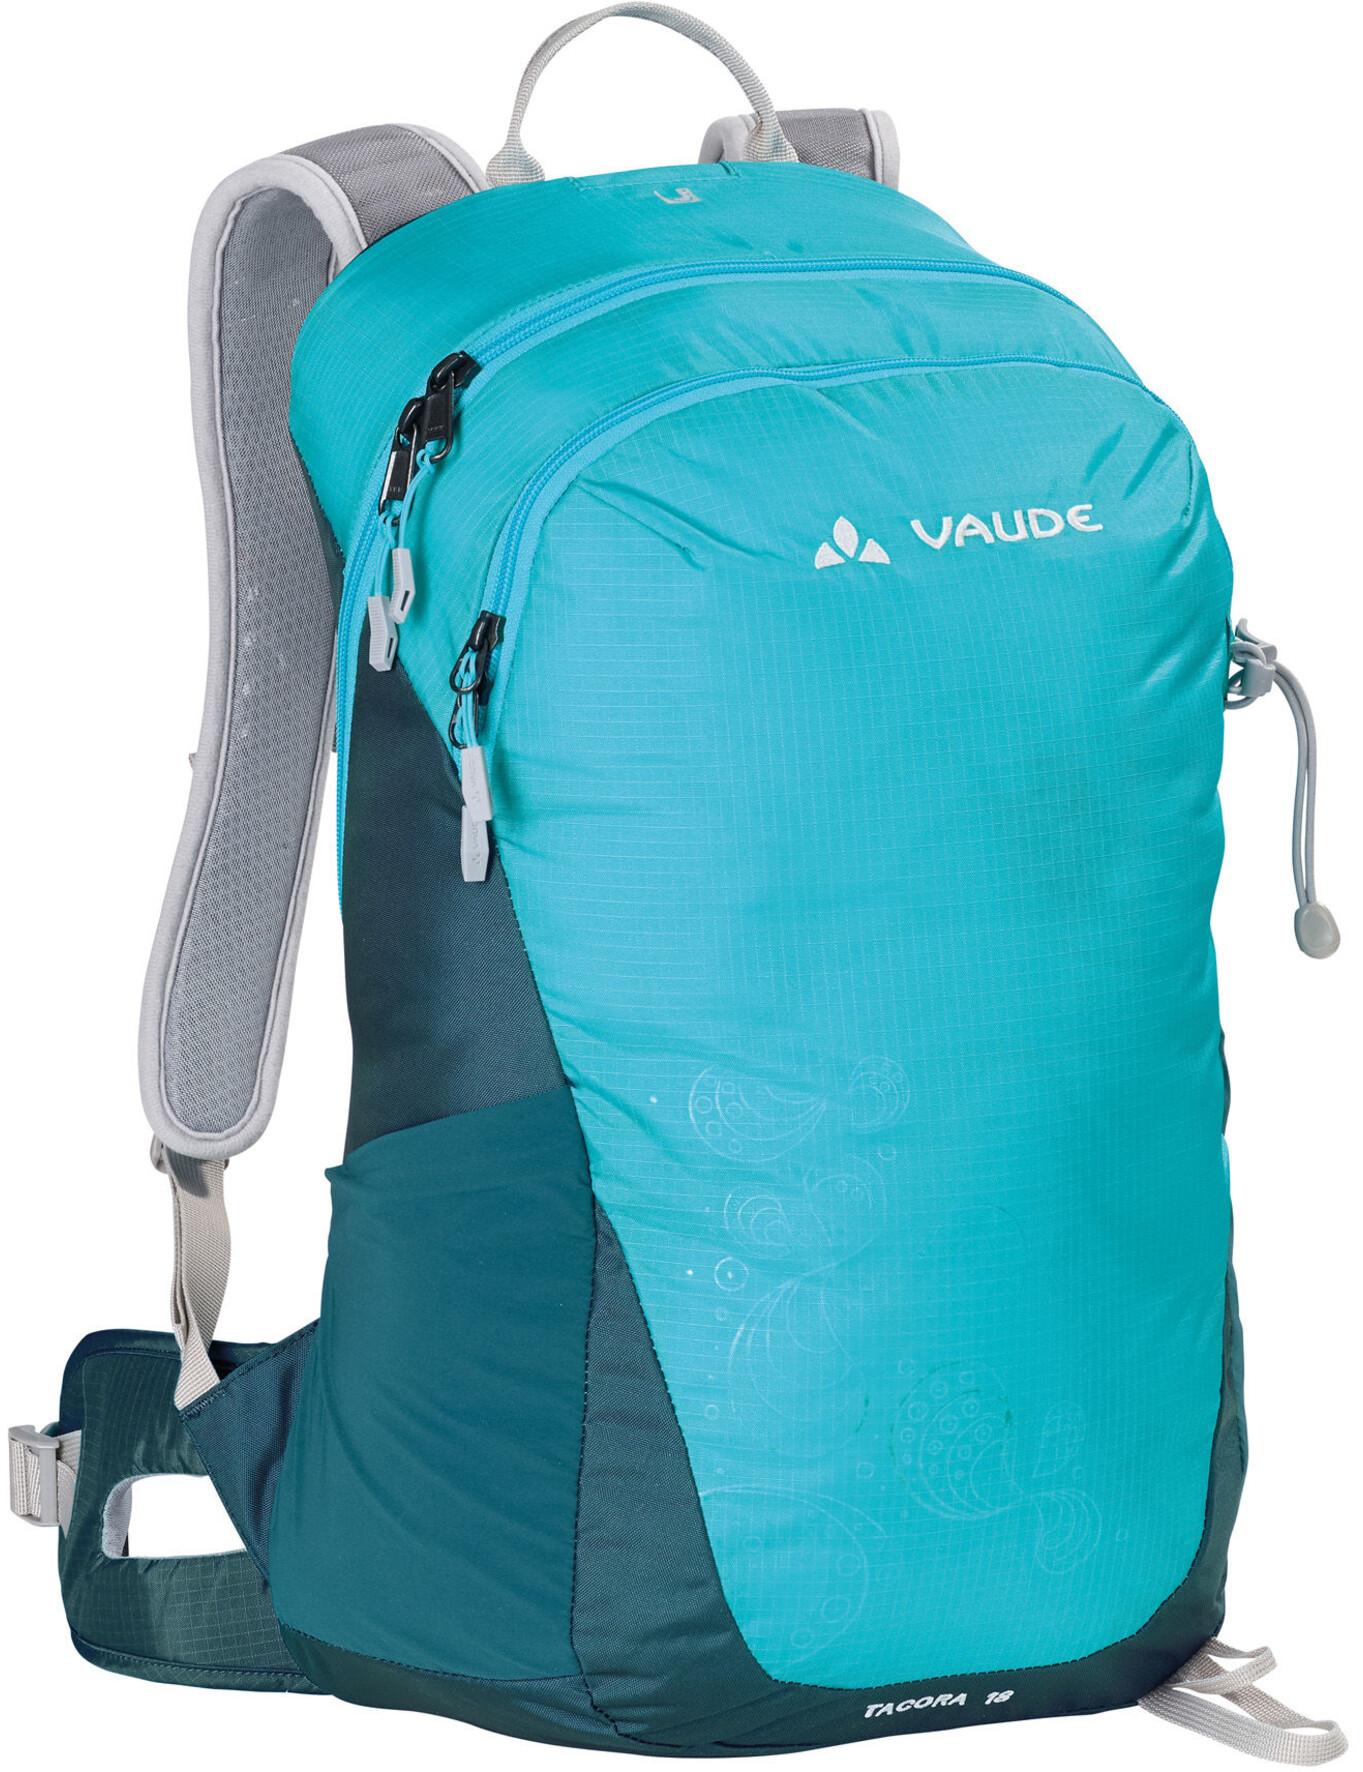 0e60894aff3 VAUDE Tacora 18 rugzak Dames turquoise l Online outdoor shop Campz.nl